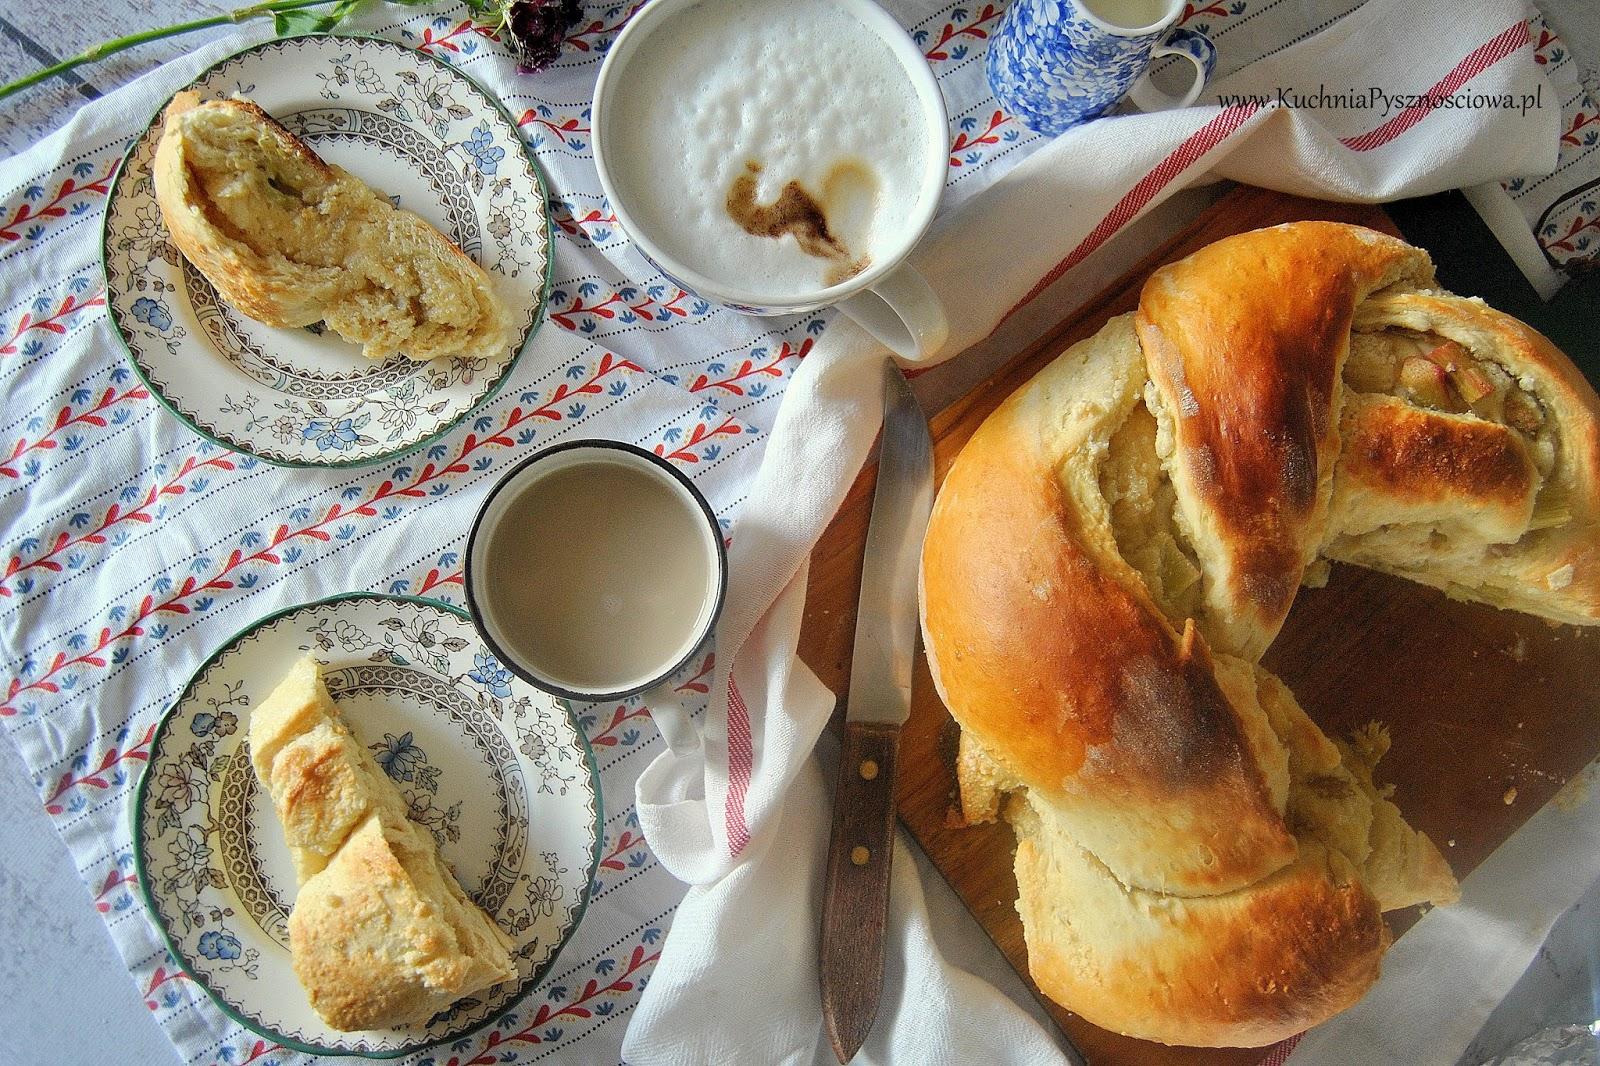 520. Ciasto drożdżowe z marcepanem i rabarbarem